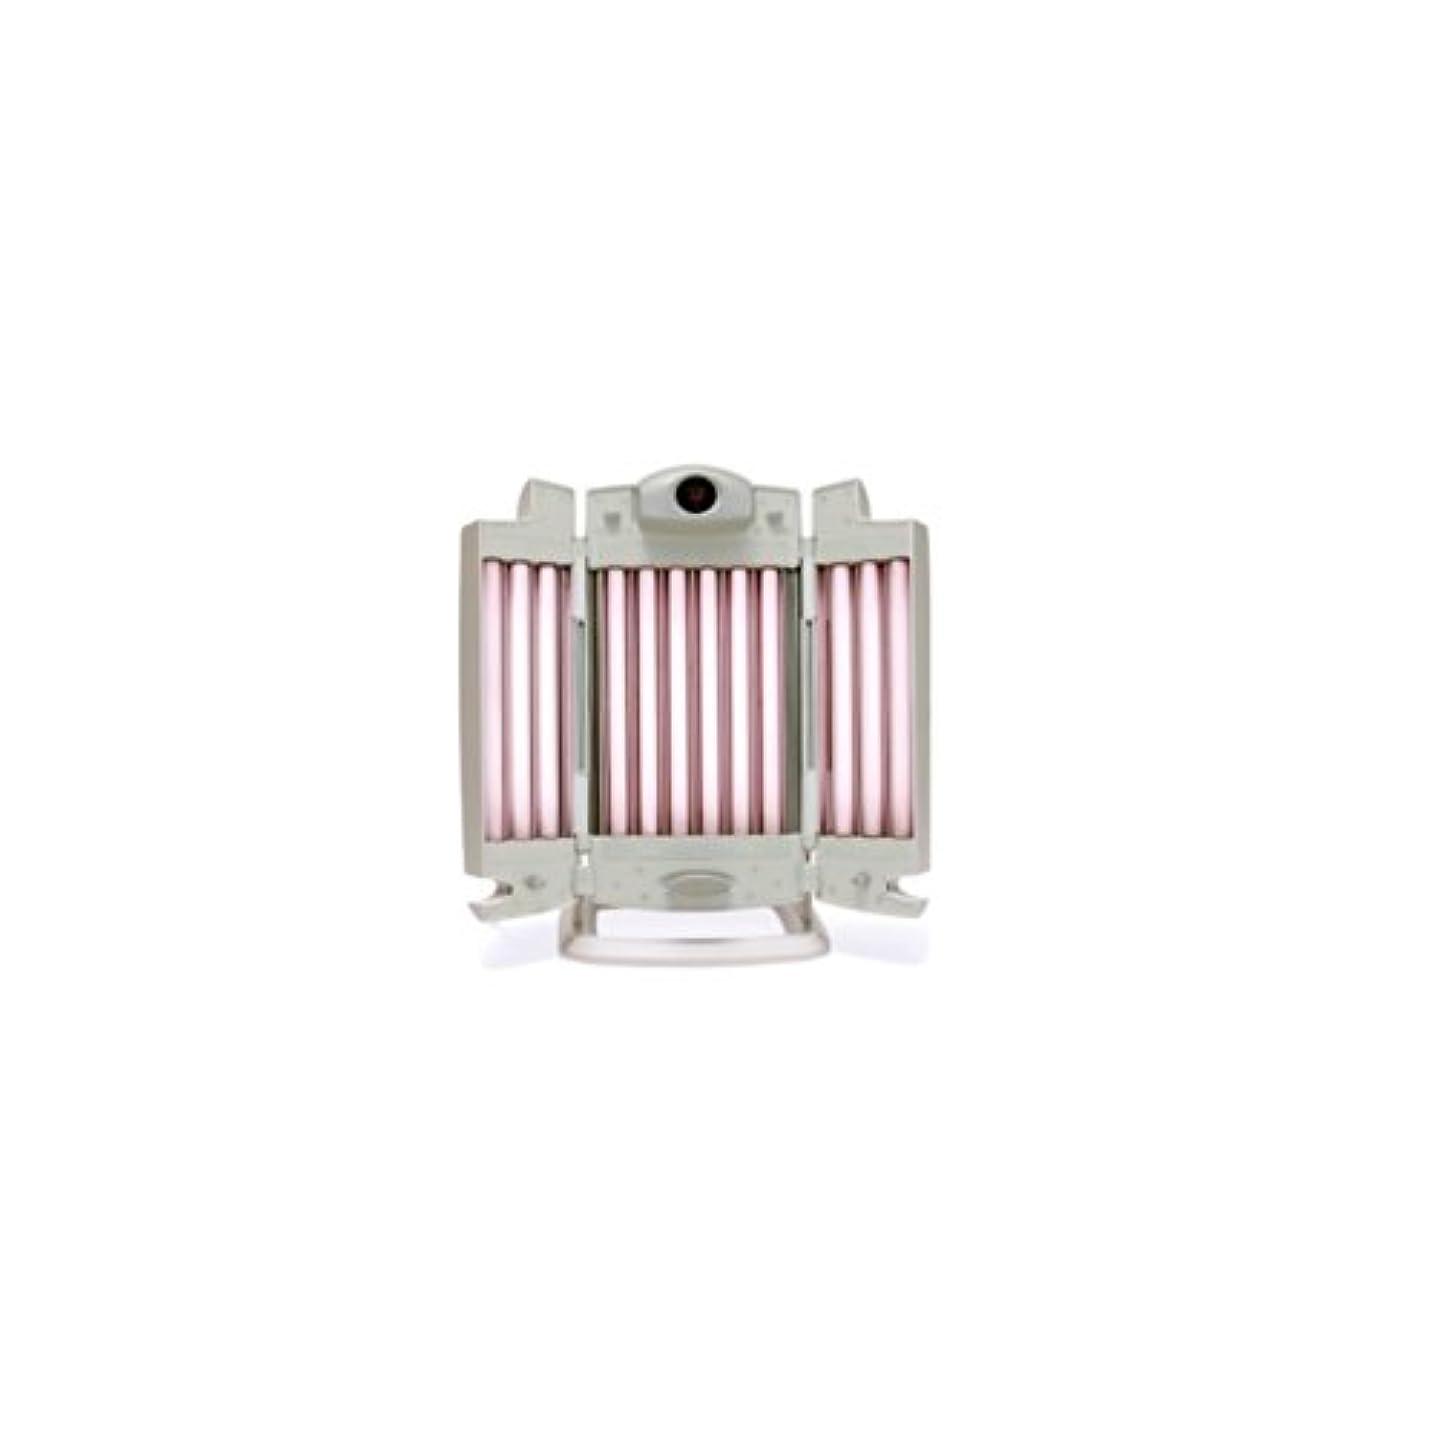 裁判所感謝するロケットBaby's Colla Beauty Light Type FACIAL(ベビーズコラ ビューティーライト フェイシャルタイプ)